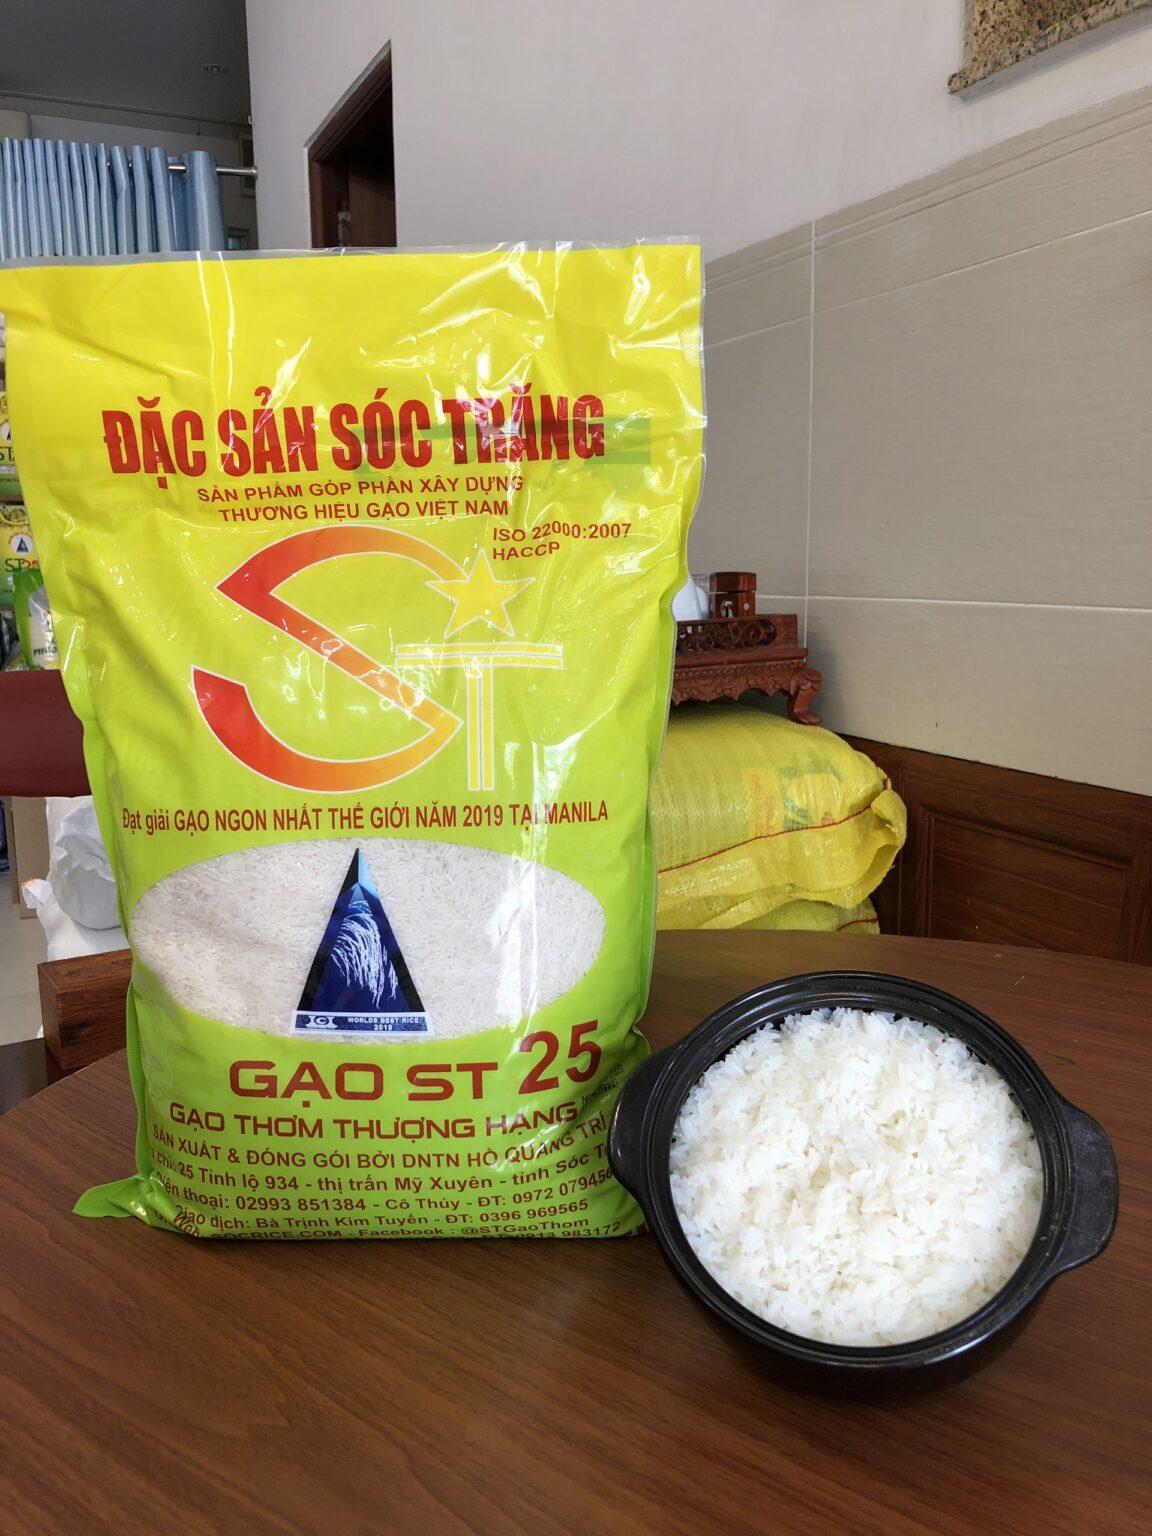 Tập đoàn PAN đứng ra bảo hộ thương hiệu gạo ST24, ST25 tại nước ngoài - Ảnh 1.